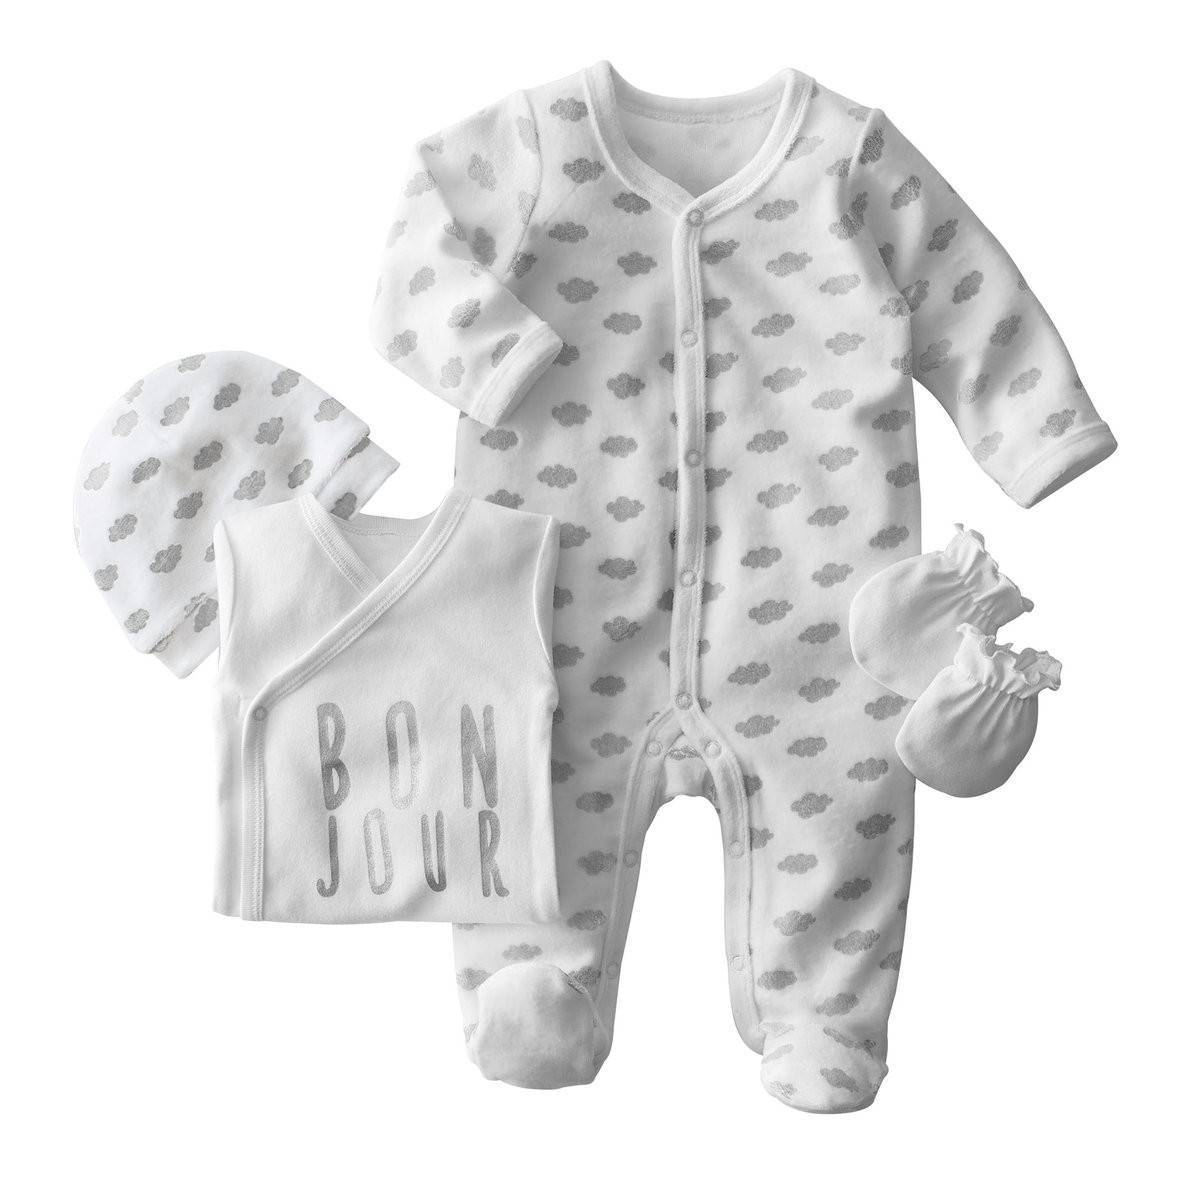 Картинки одежда для новорожденных детей